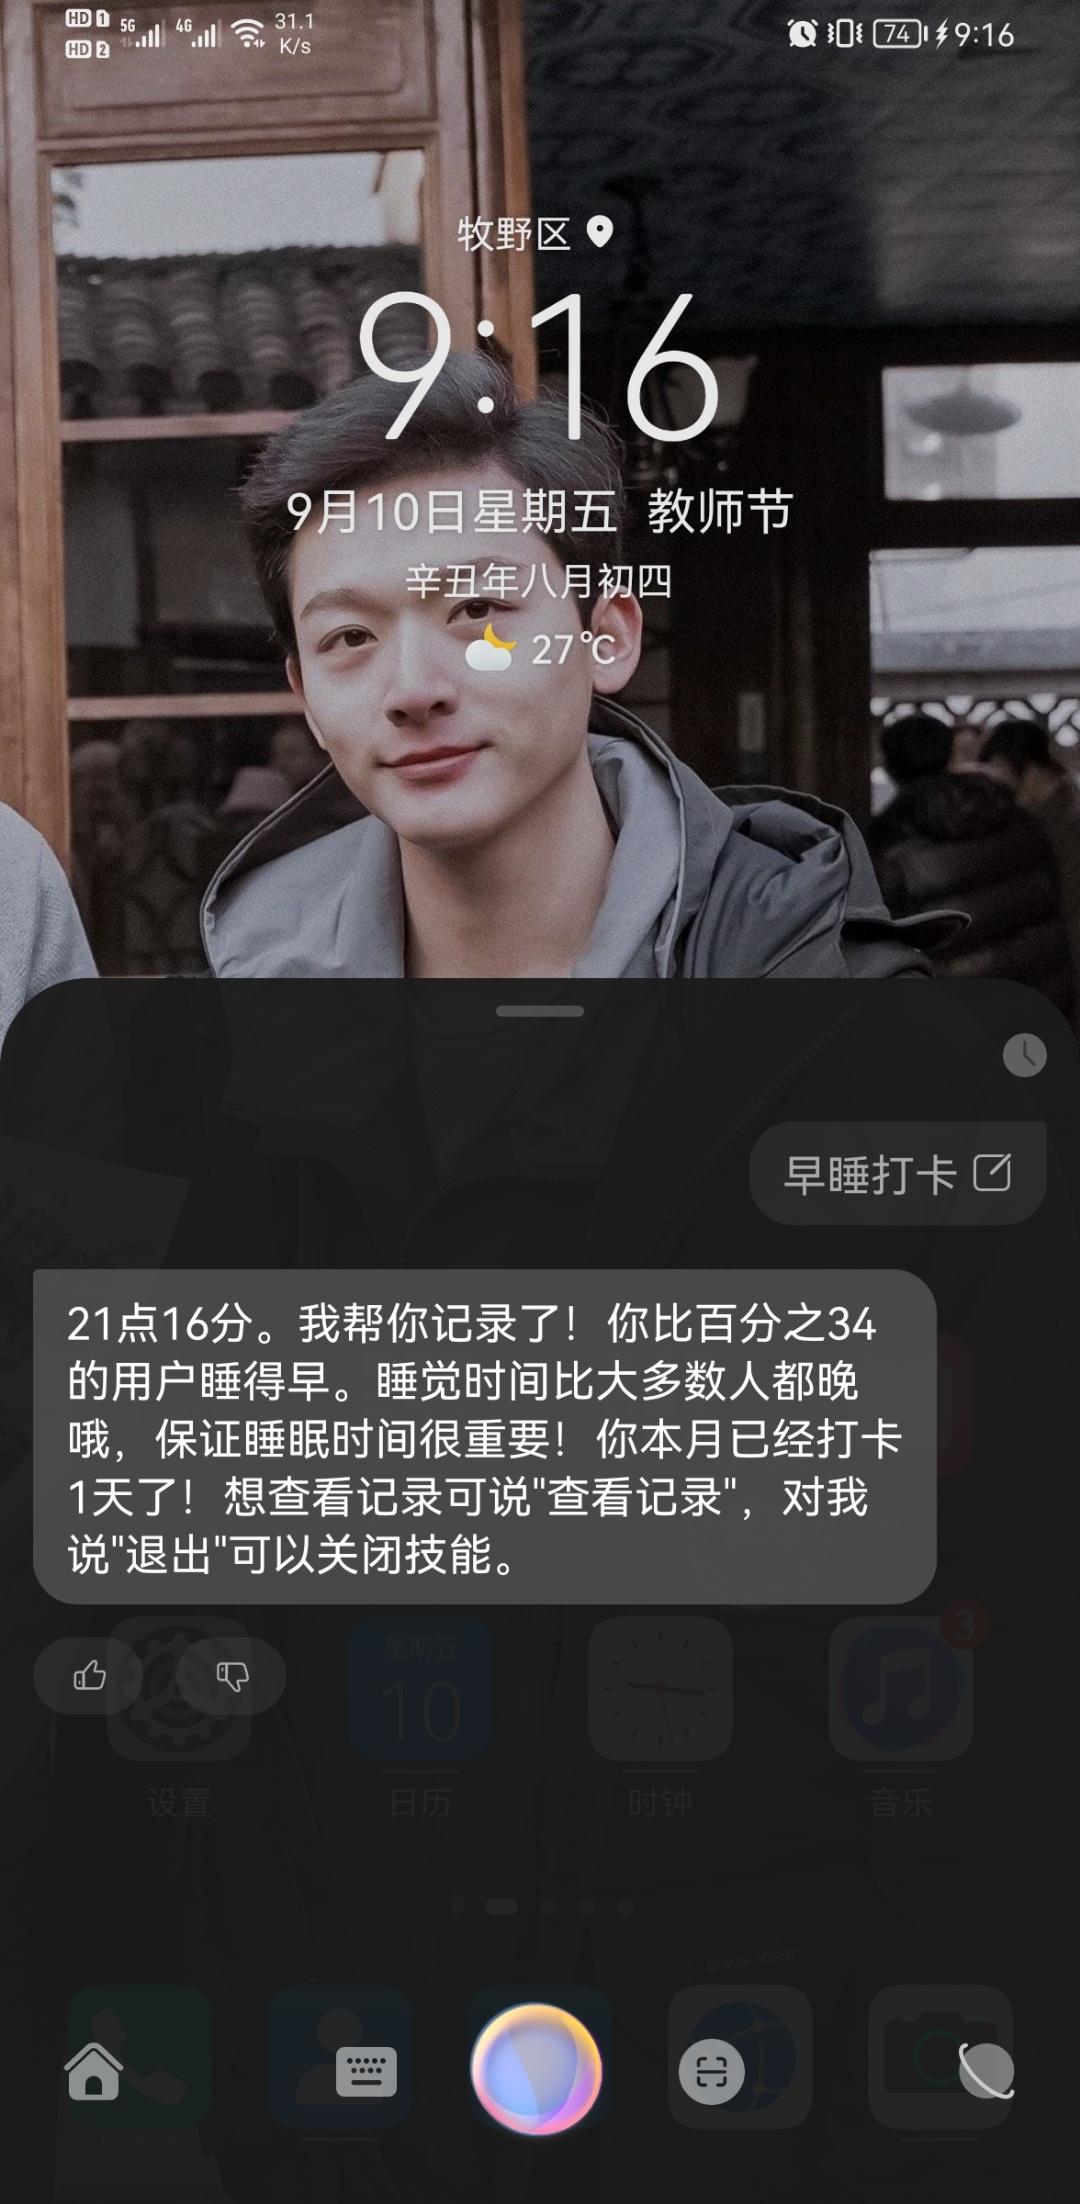 Screenshot_20210910_211629_com.huawei.android.launcher.jpg